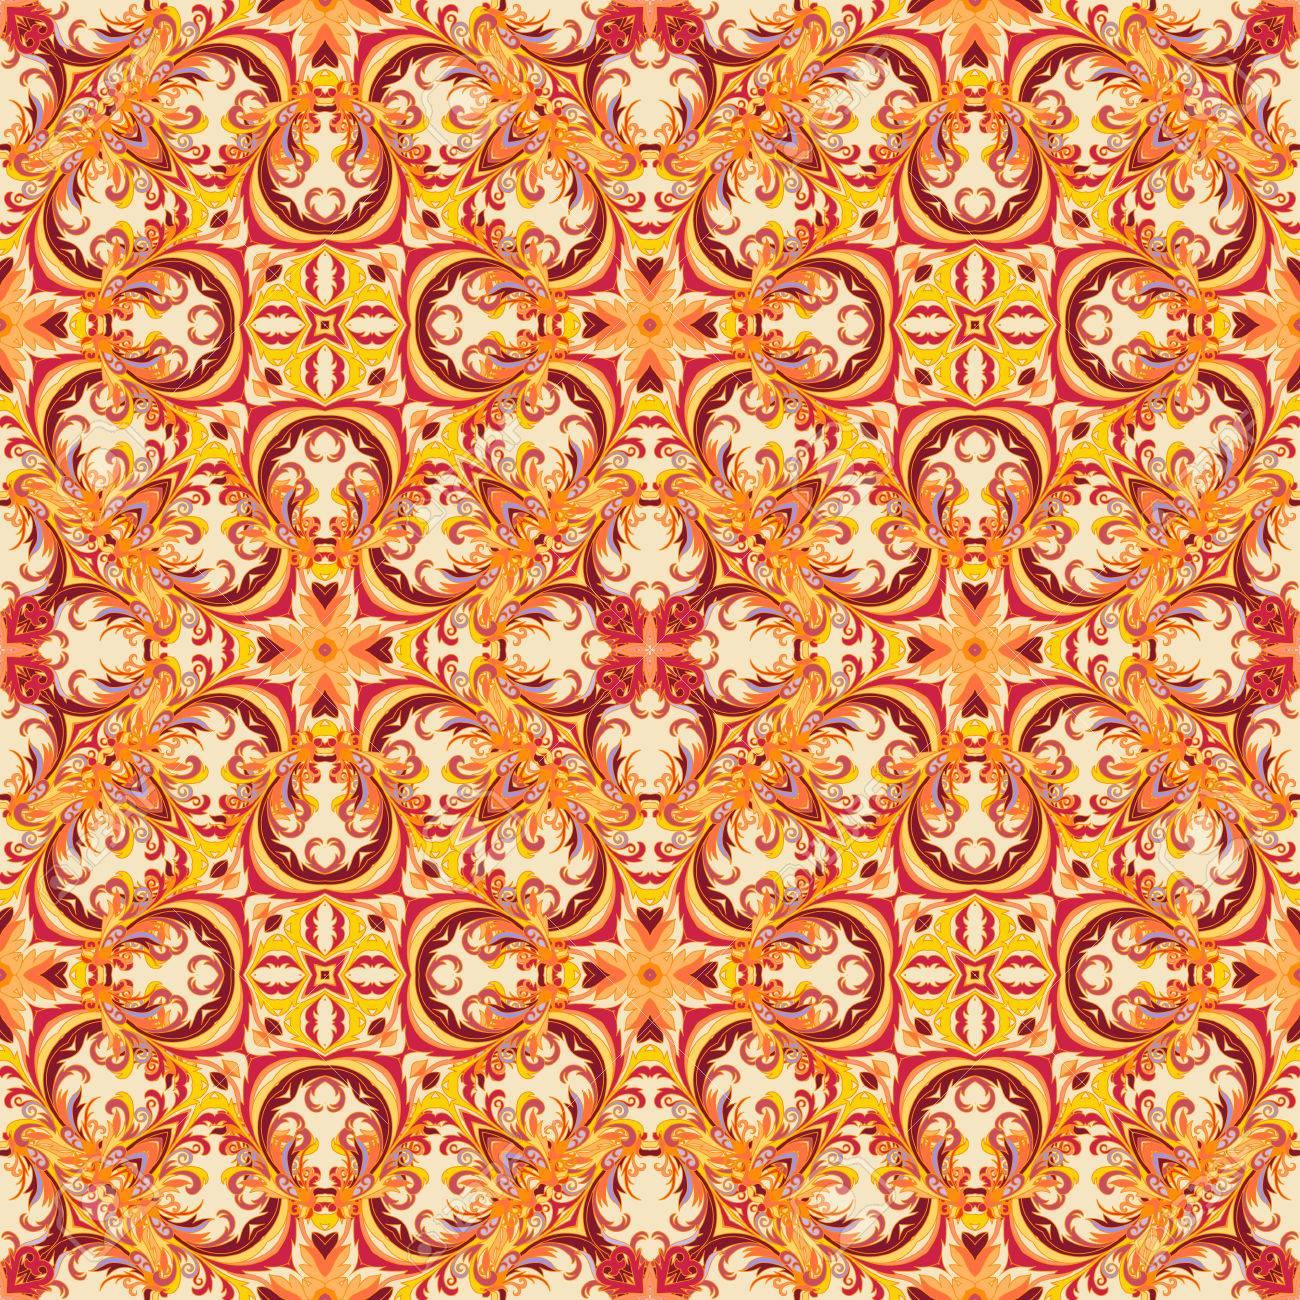 Papier Peint Floral De Style Baroque Motif Vectoriel Sans Couture